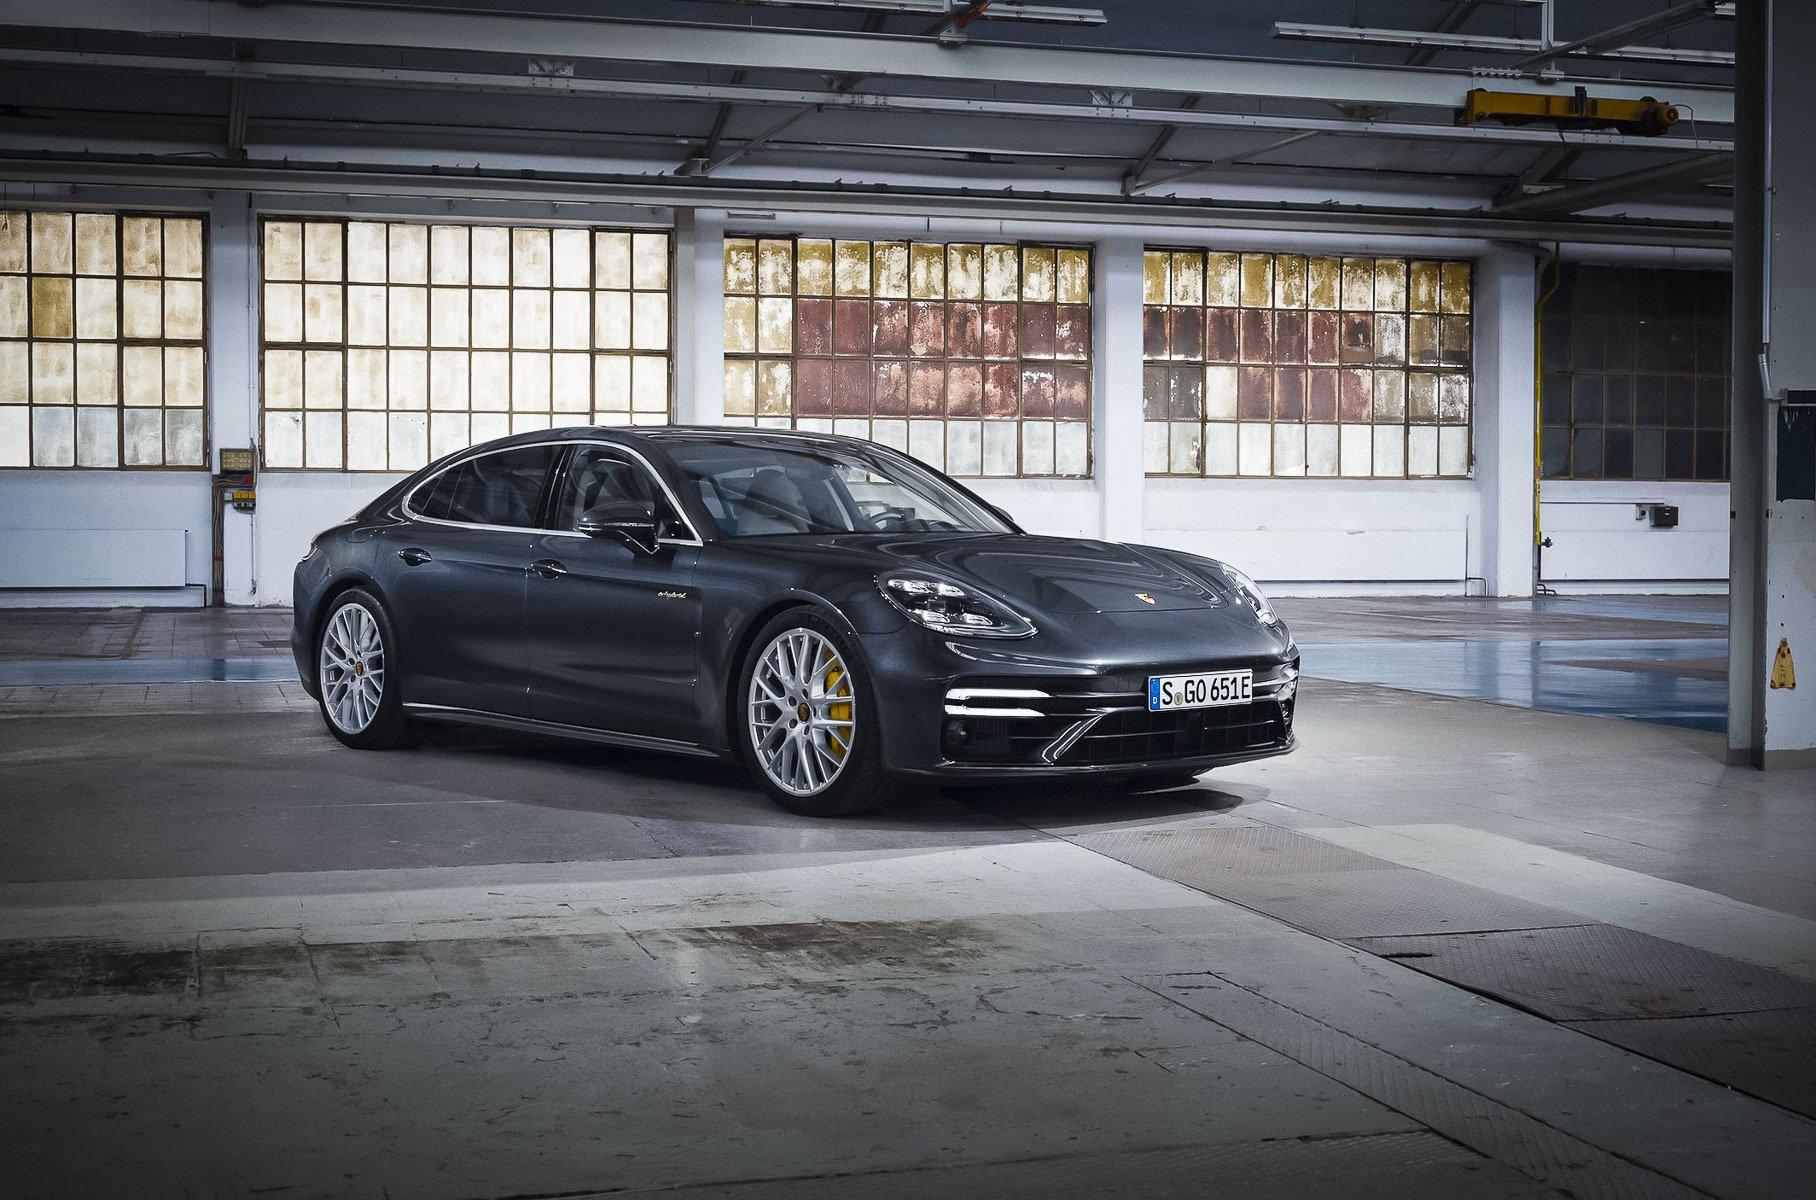 Porsche раскрыла характеристики самой мощной Panamera (фото)